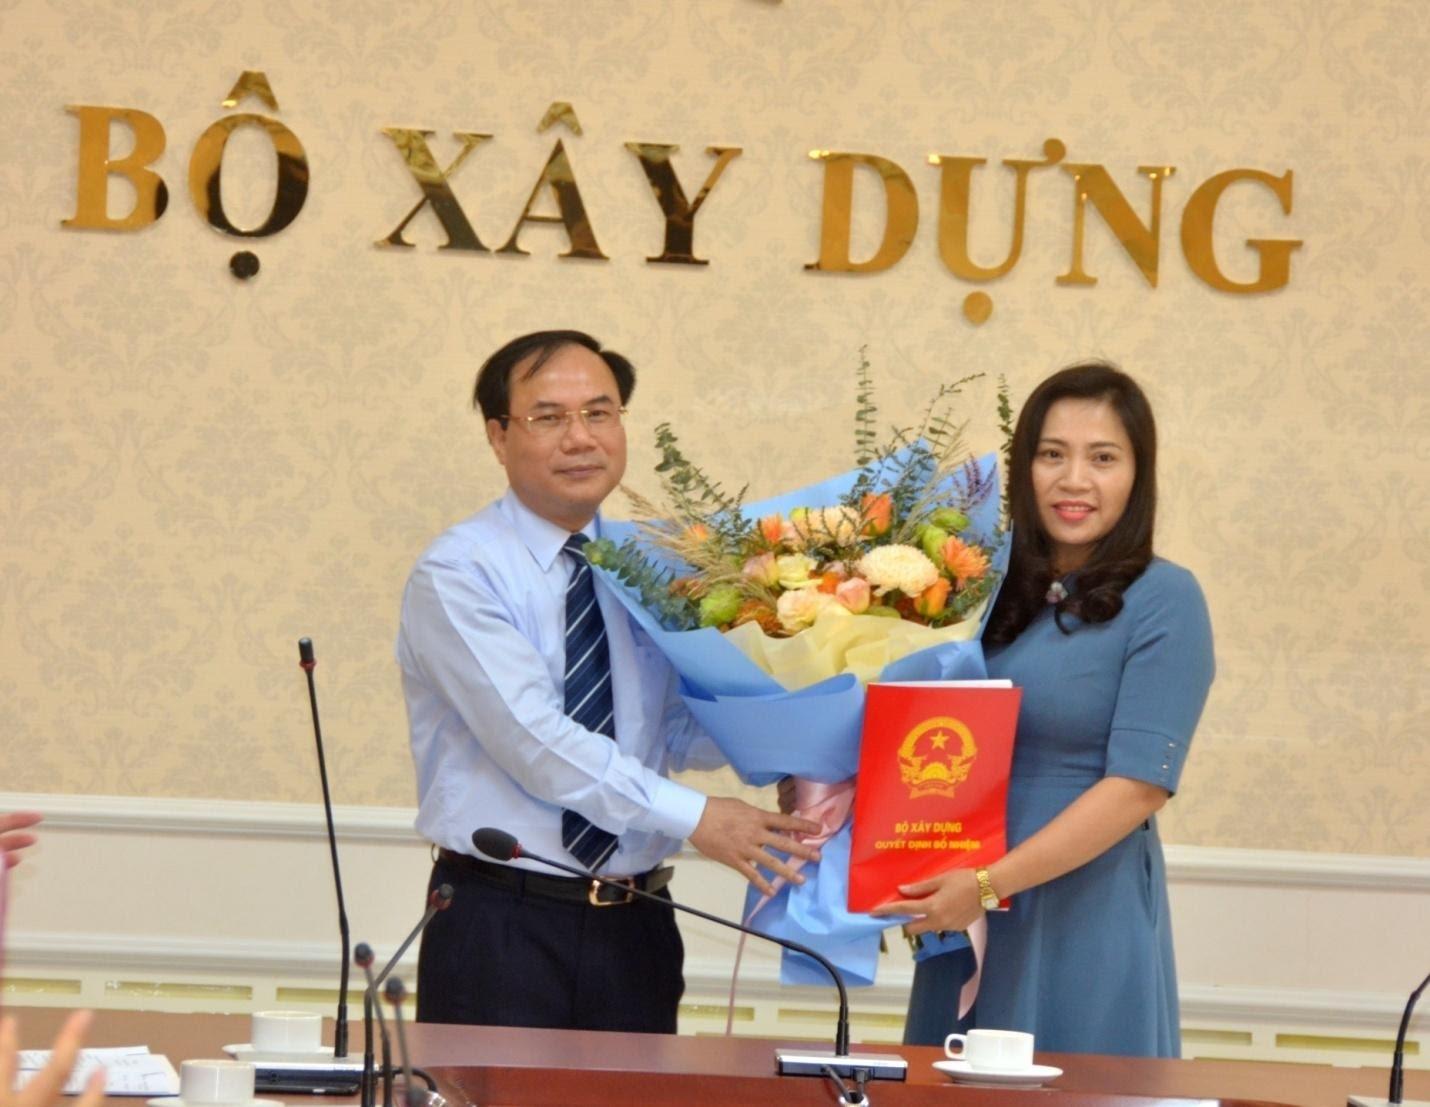 Bộ Xây dựng bổ nhiệm hai Phó Chánh Văn phòng